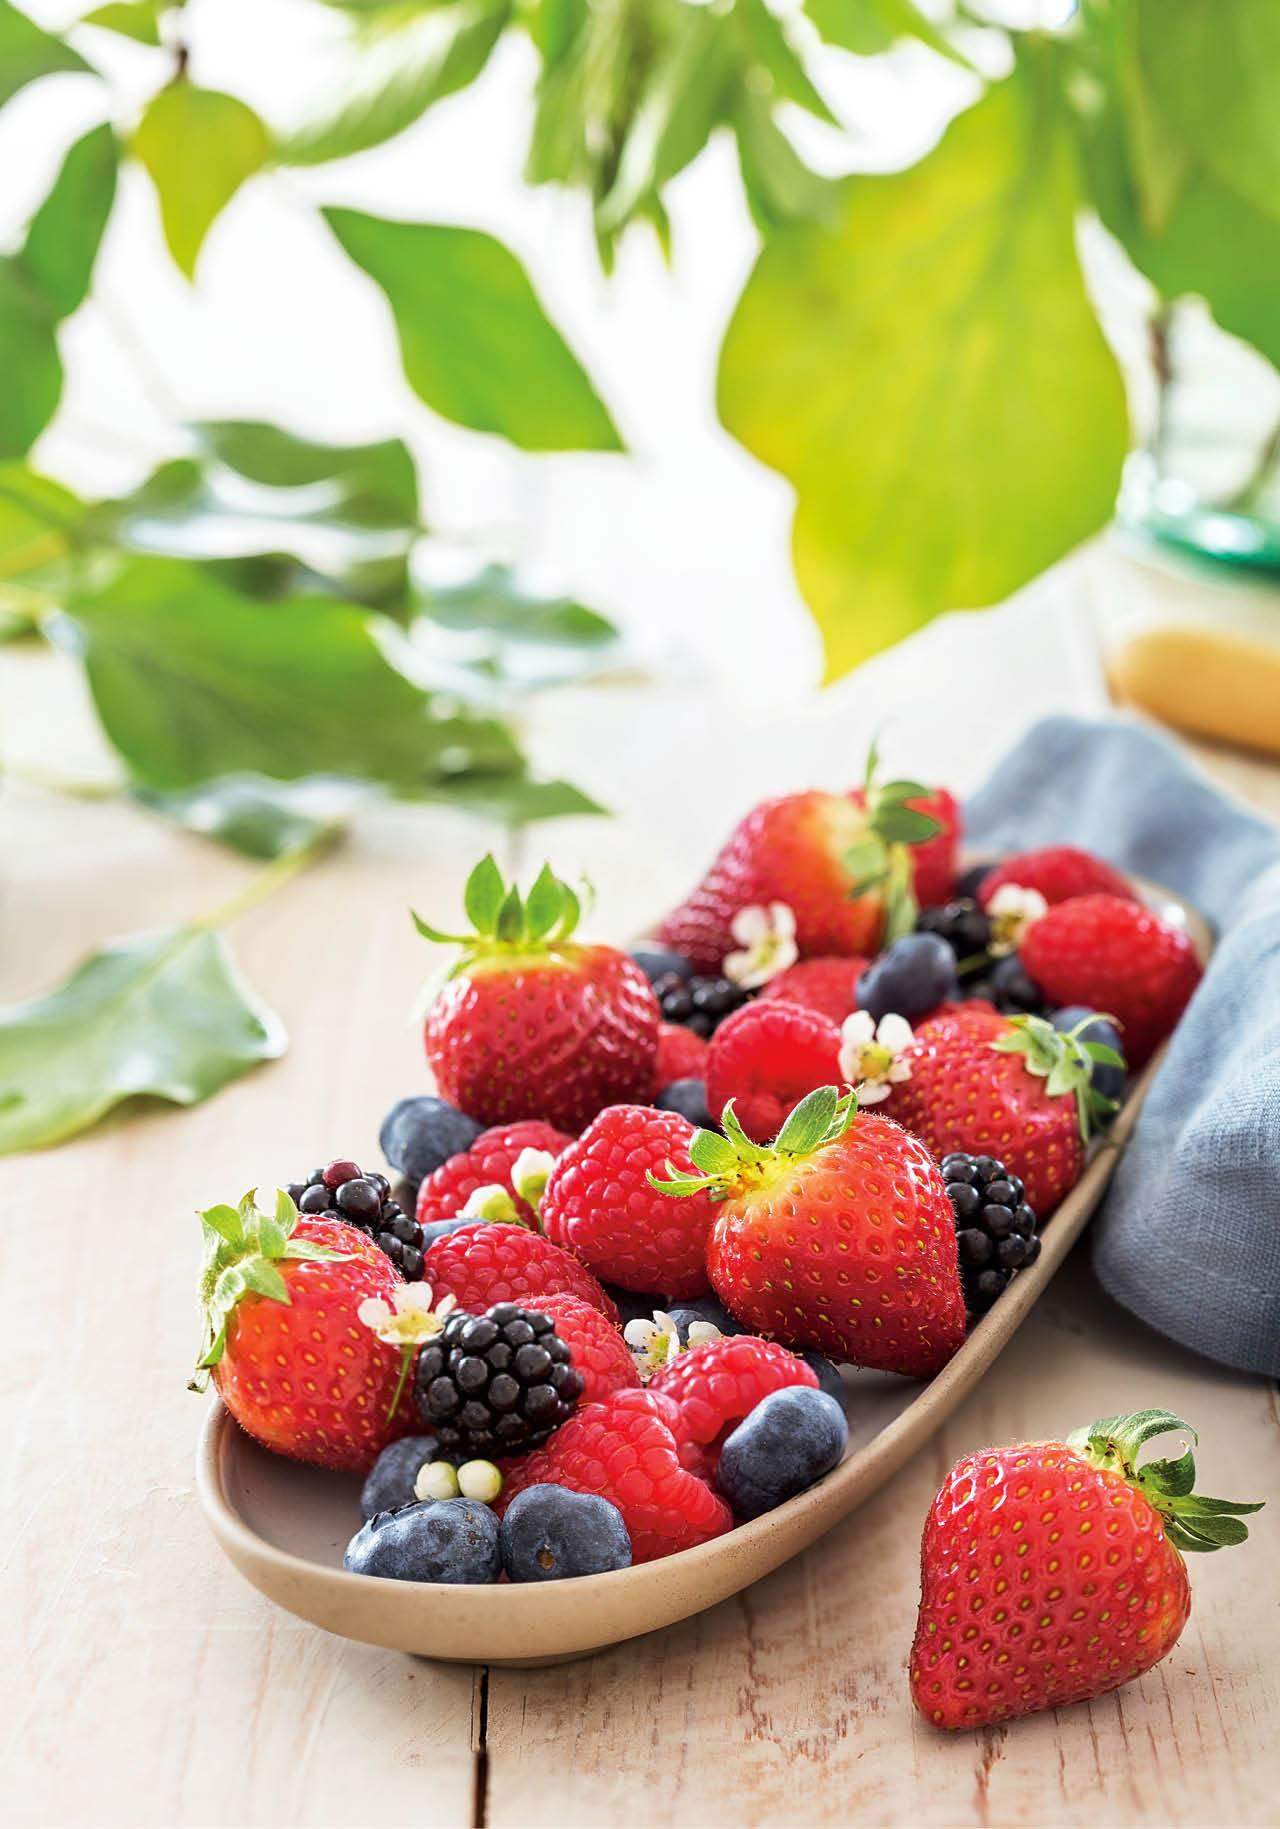 como llevar alimentacion mas saludable fruta verdura a la vista